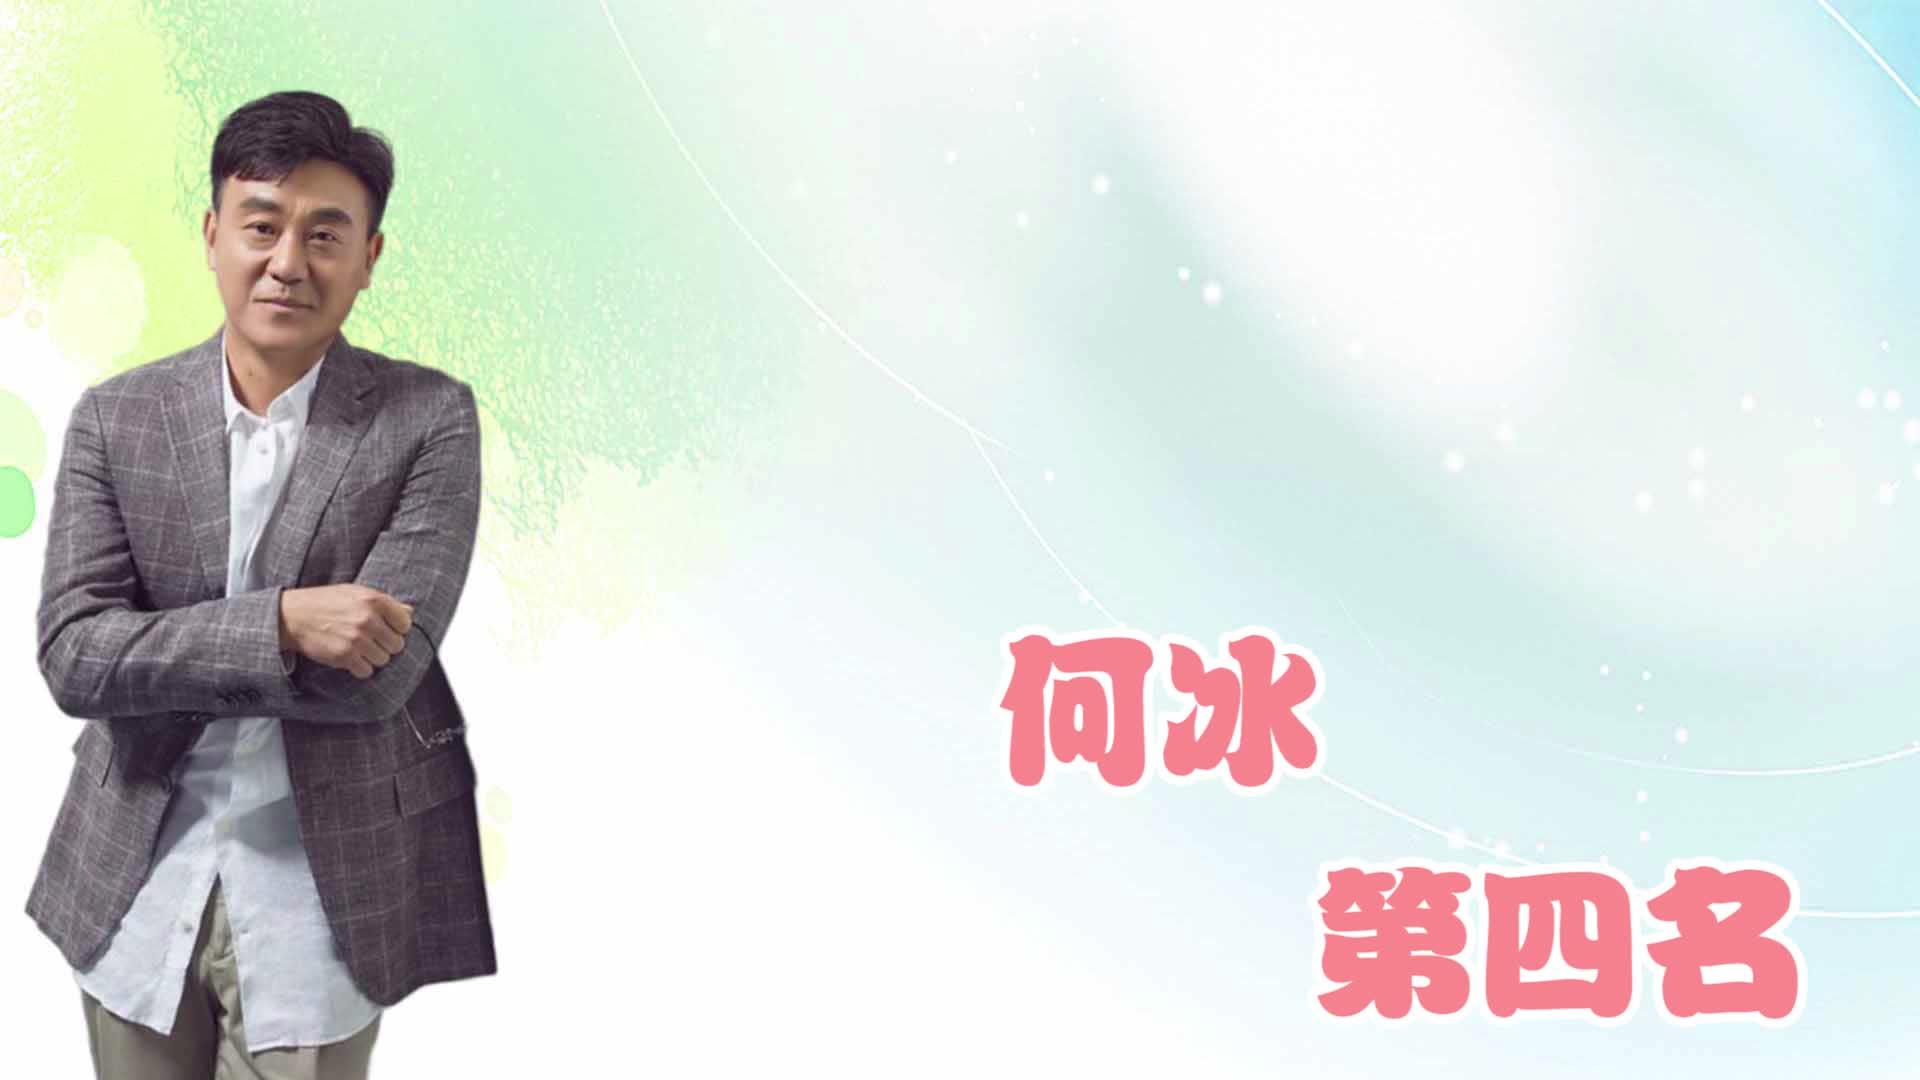 四大明星谈北京人艺规矩:蓝天野说没有戏,就不能进排练厅